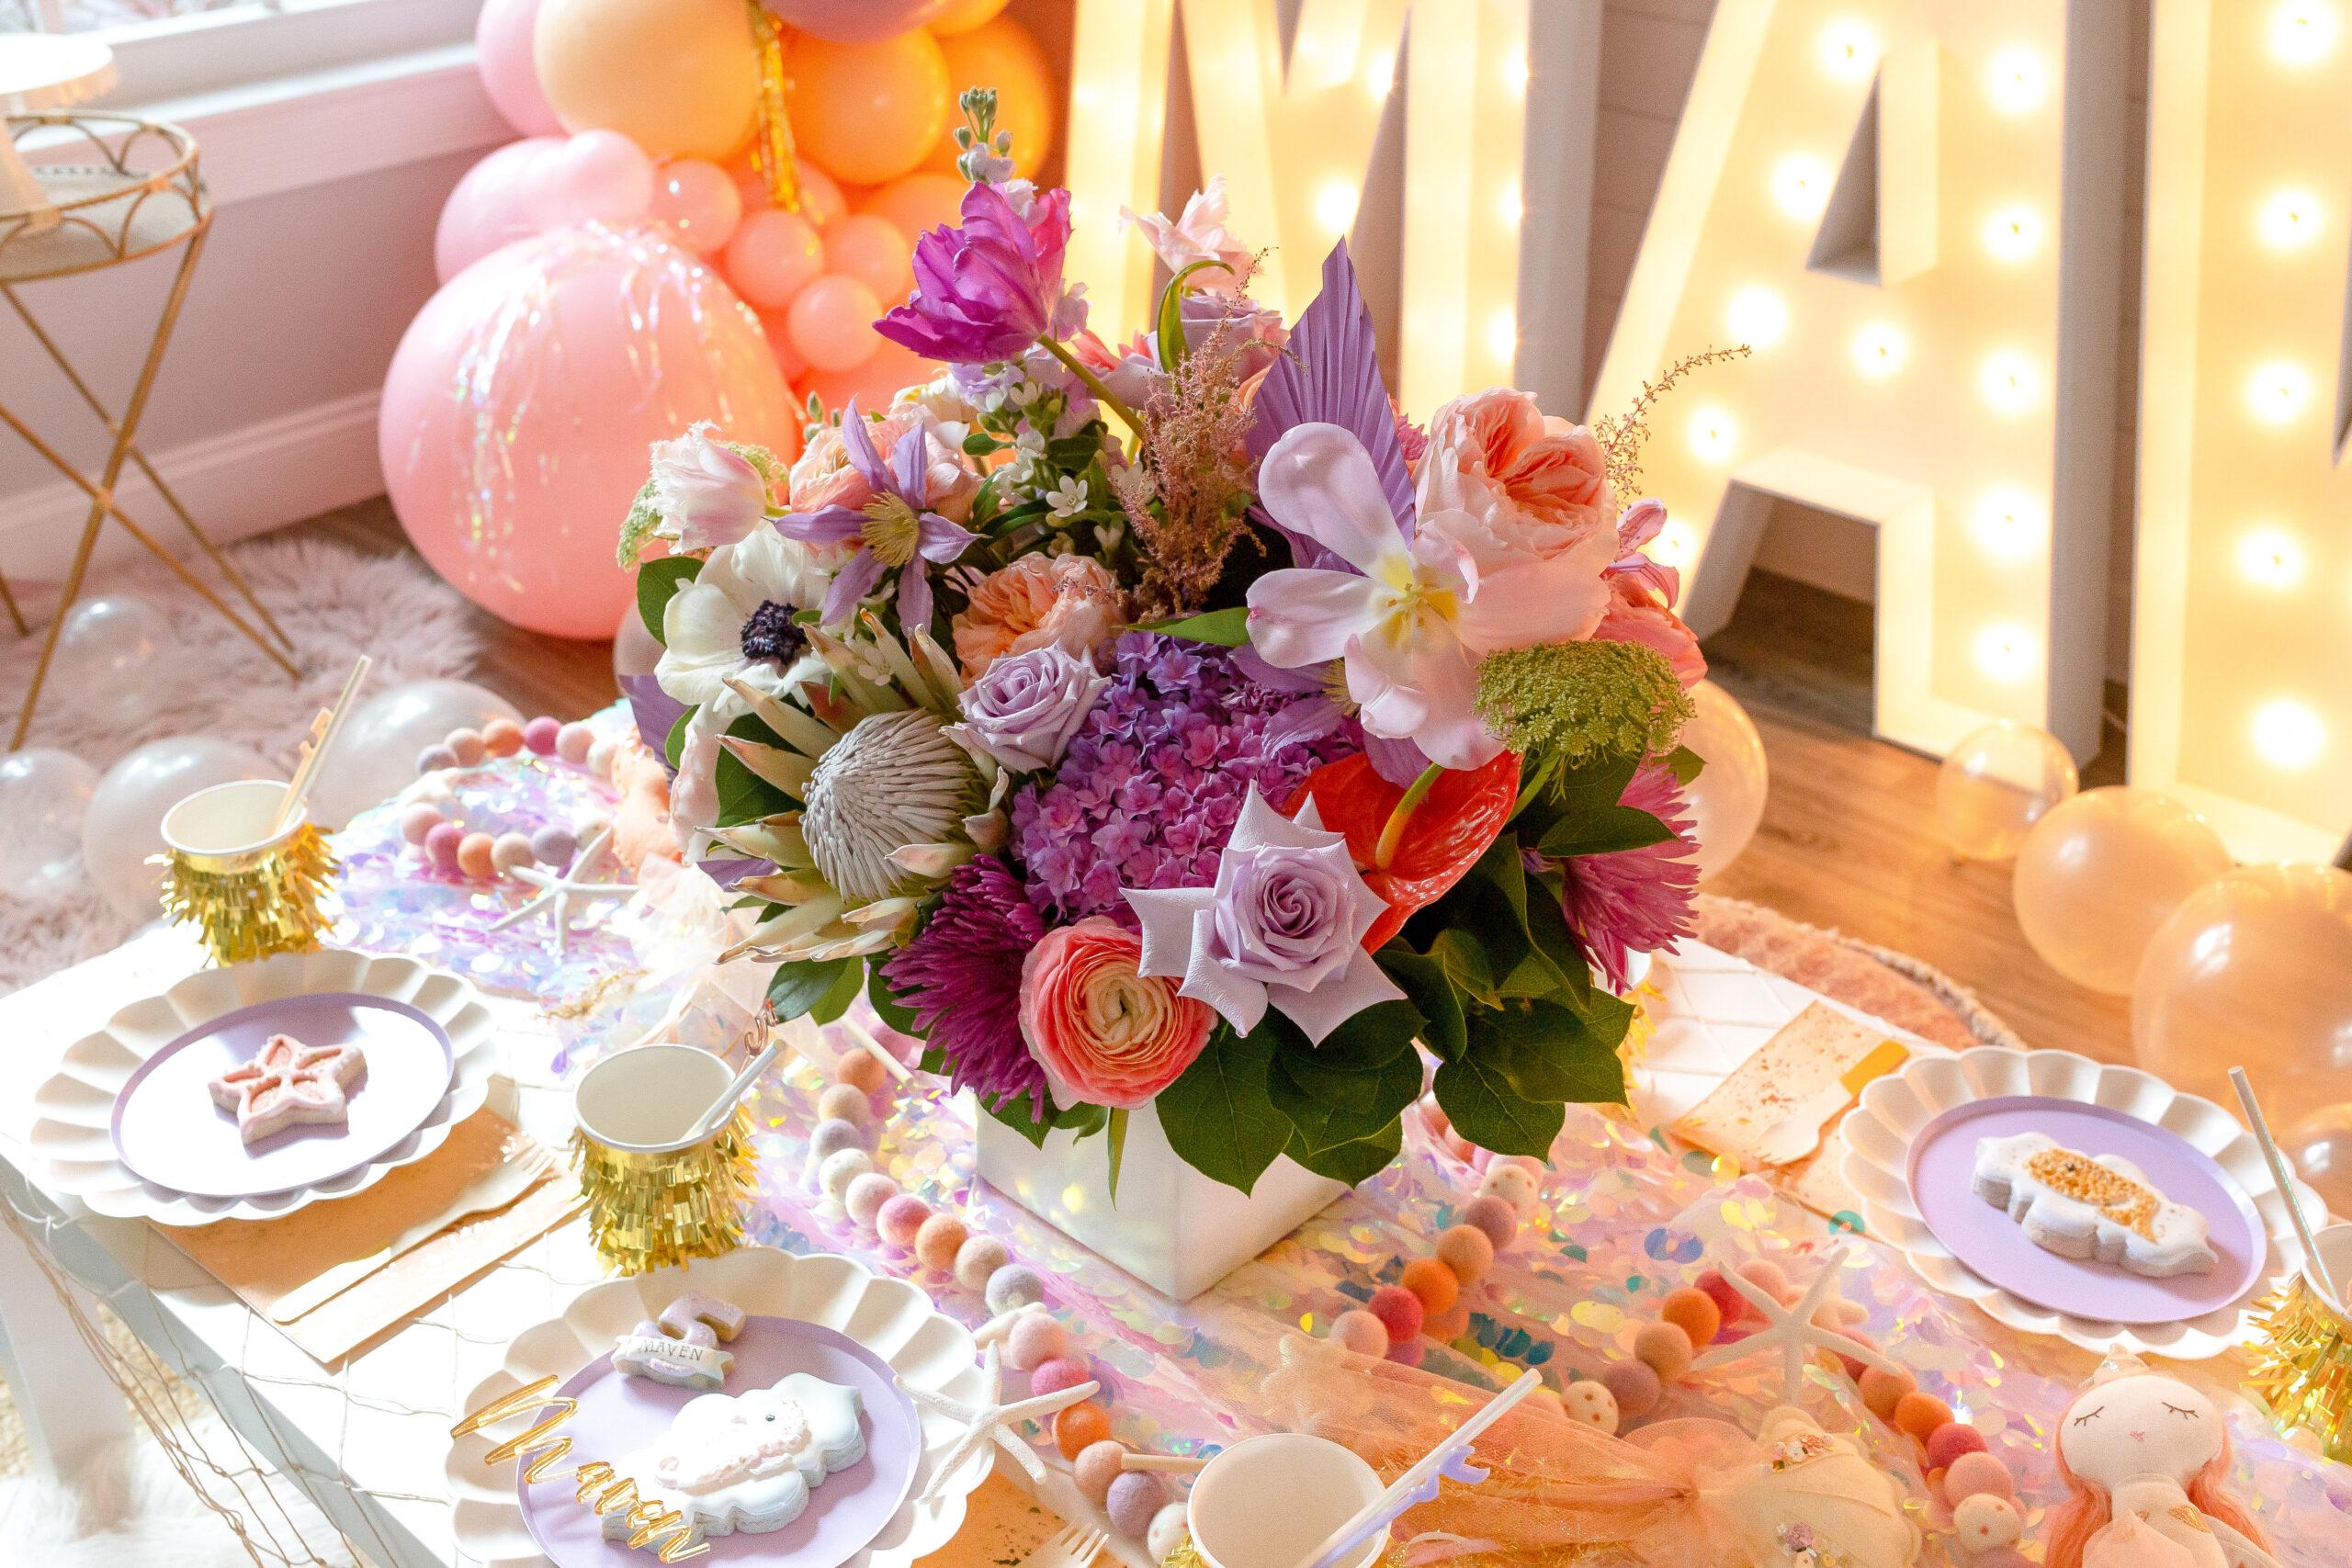 Mermaid Birthday Party Flower Centerpiece